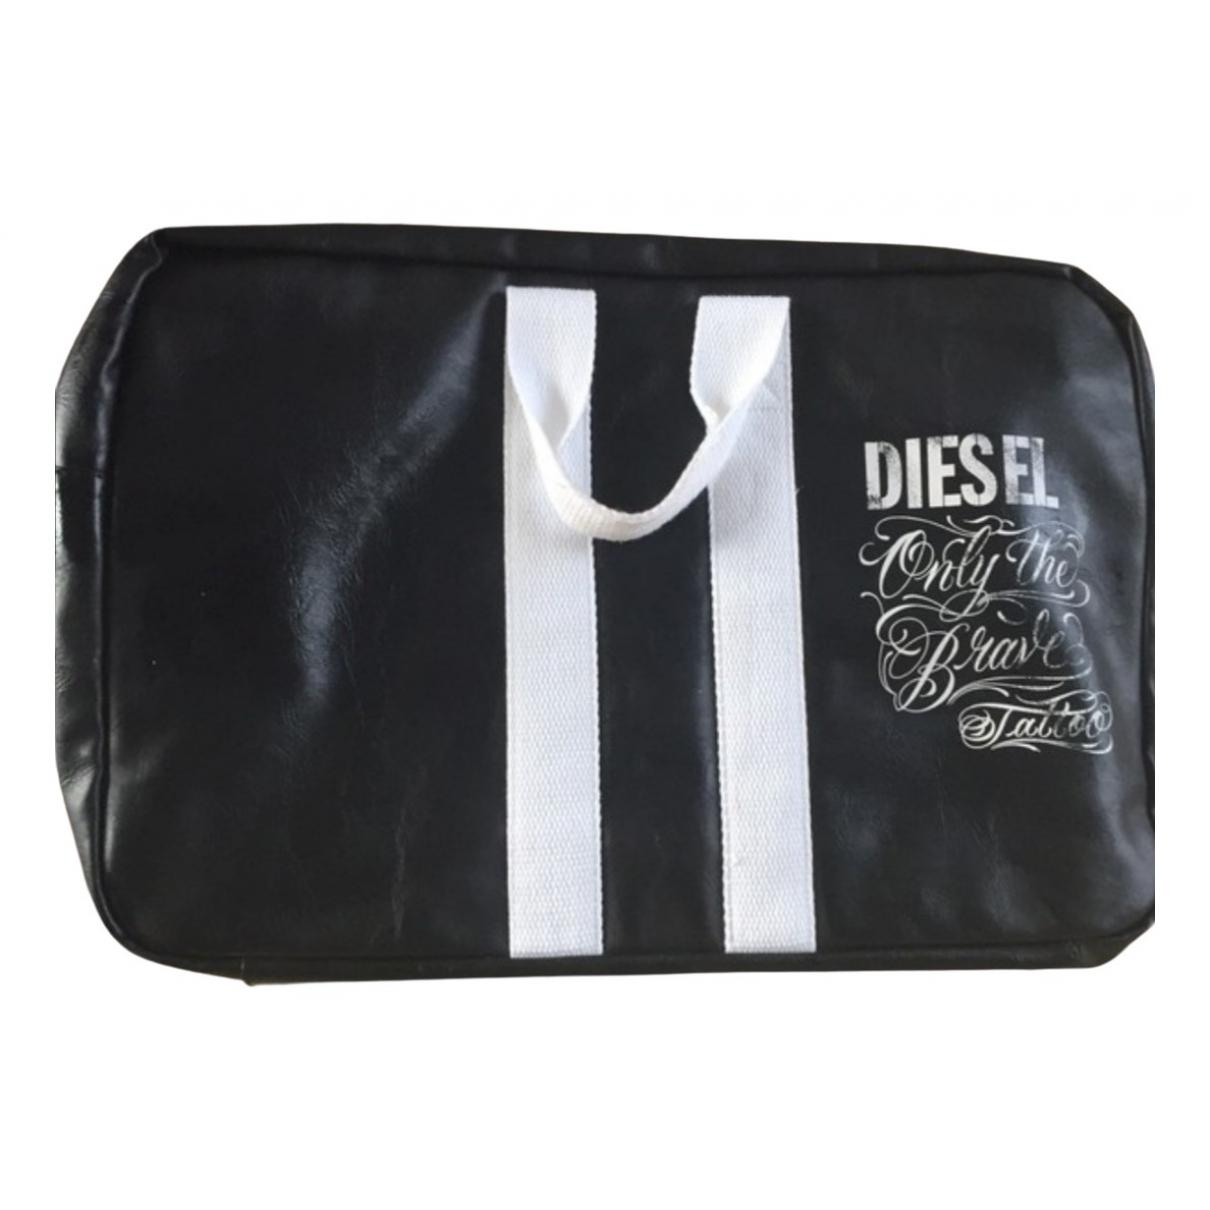 Diesel \N Handtasche in  Schwarz Polyester